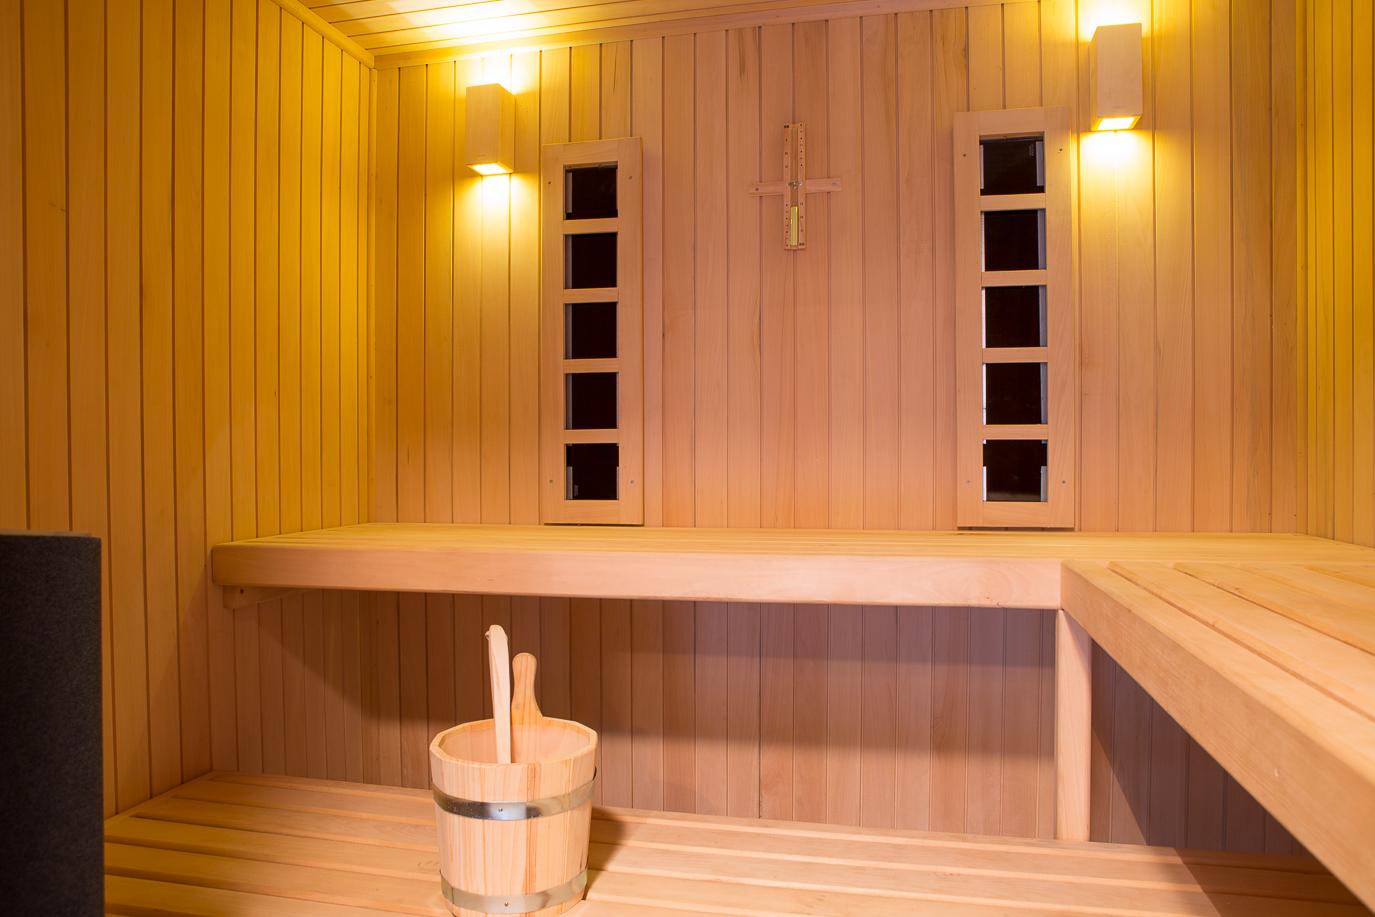 la maison de vacances dispose d'un sauna pour le plaisir des vacanciers